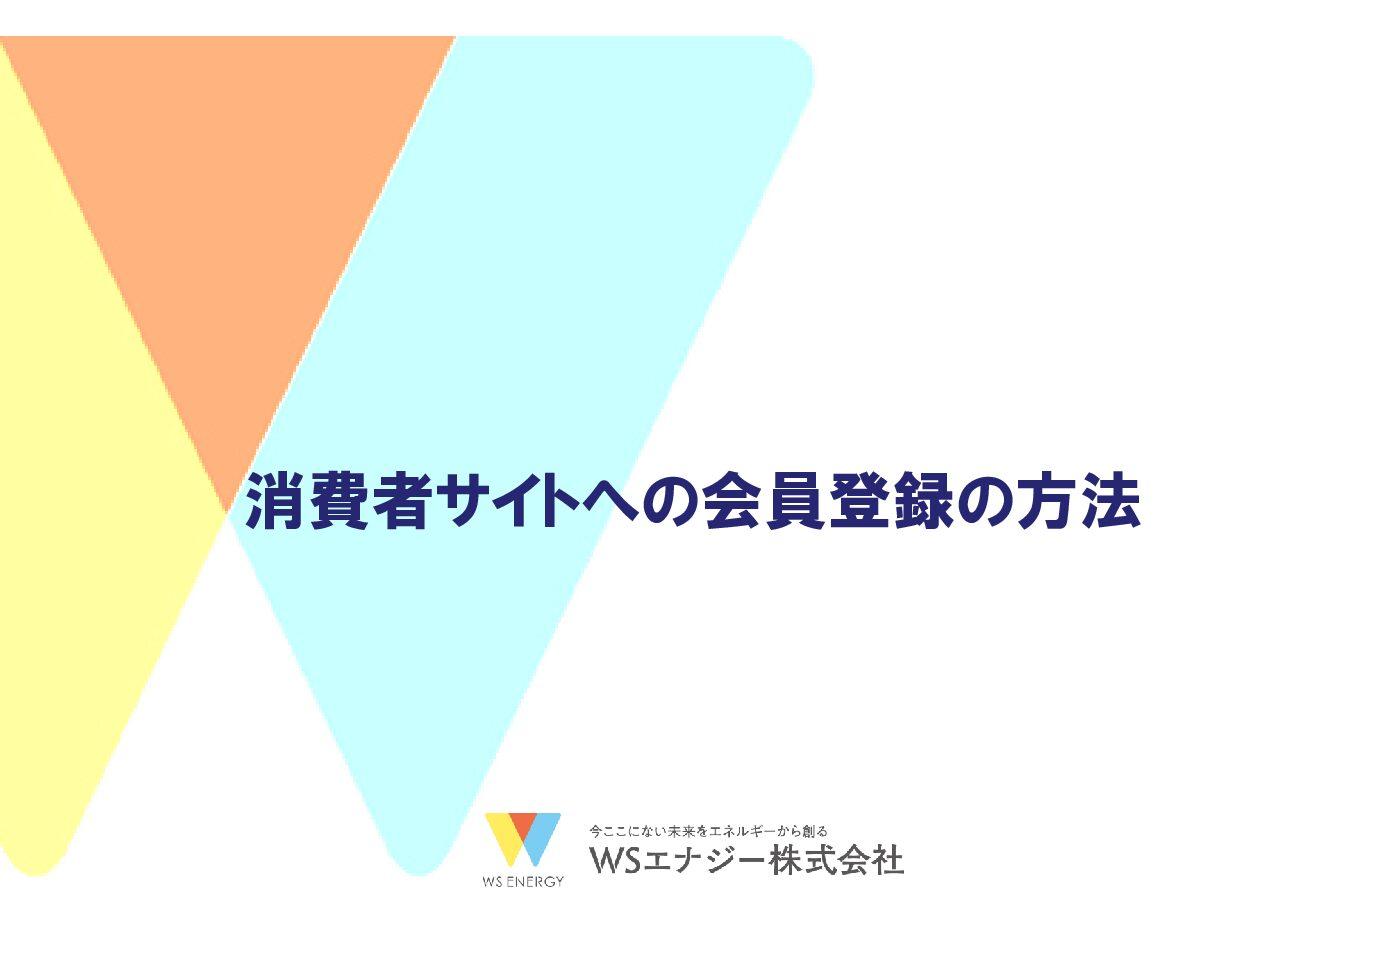 消費者サイトへの会員登録方法と電気料金の確認方法に関する説明書を公開しました。